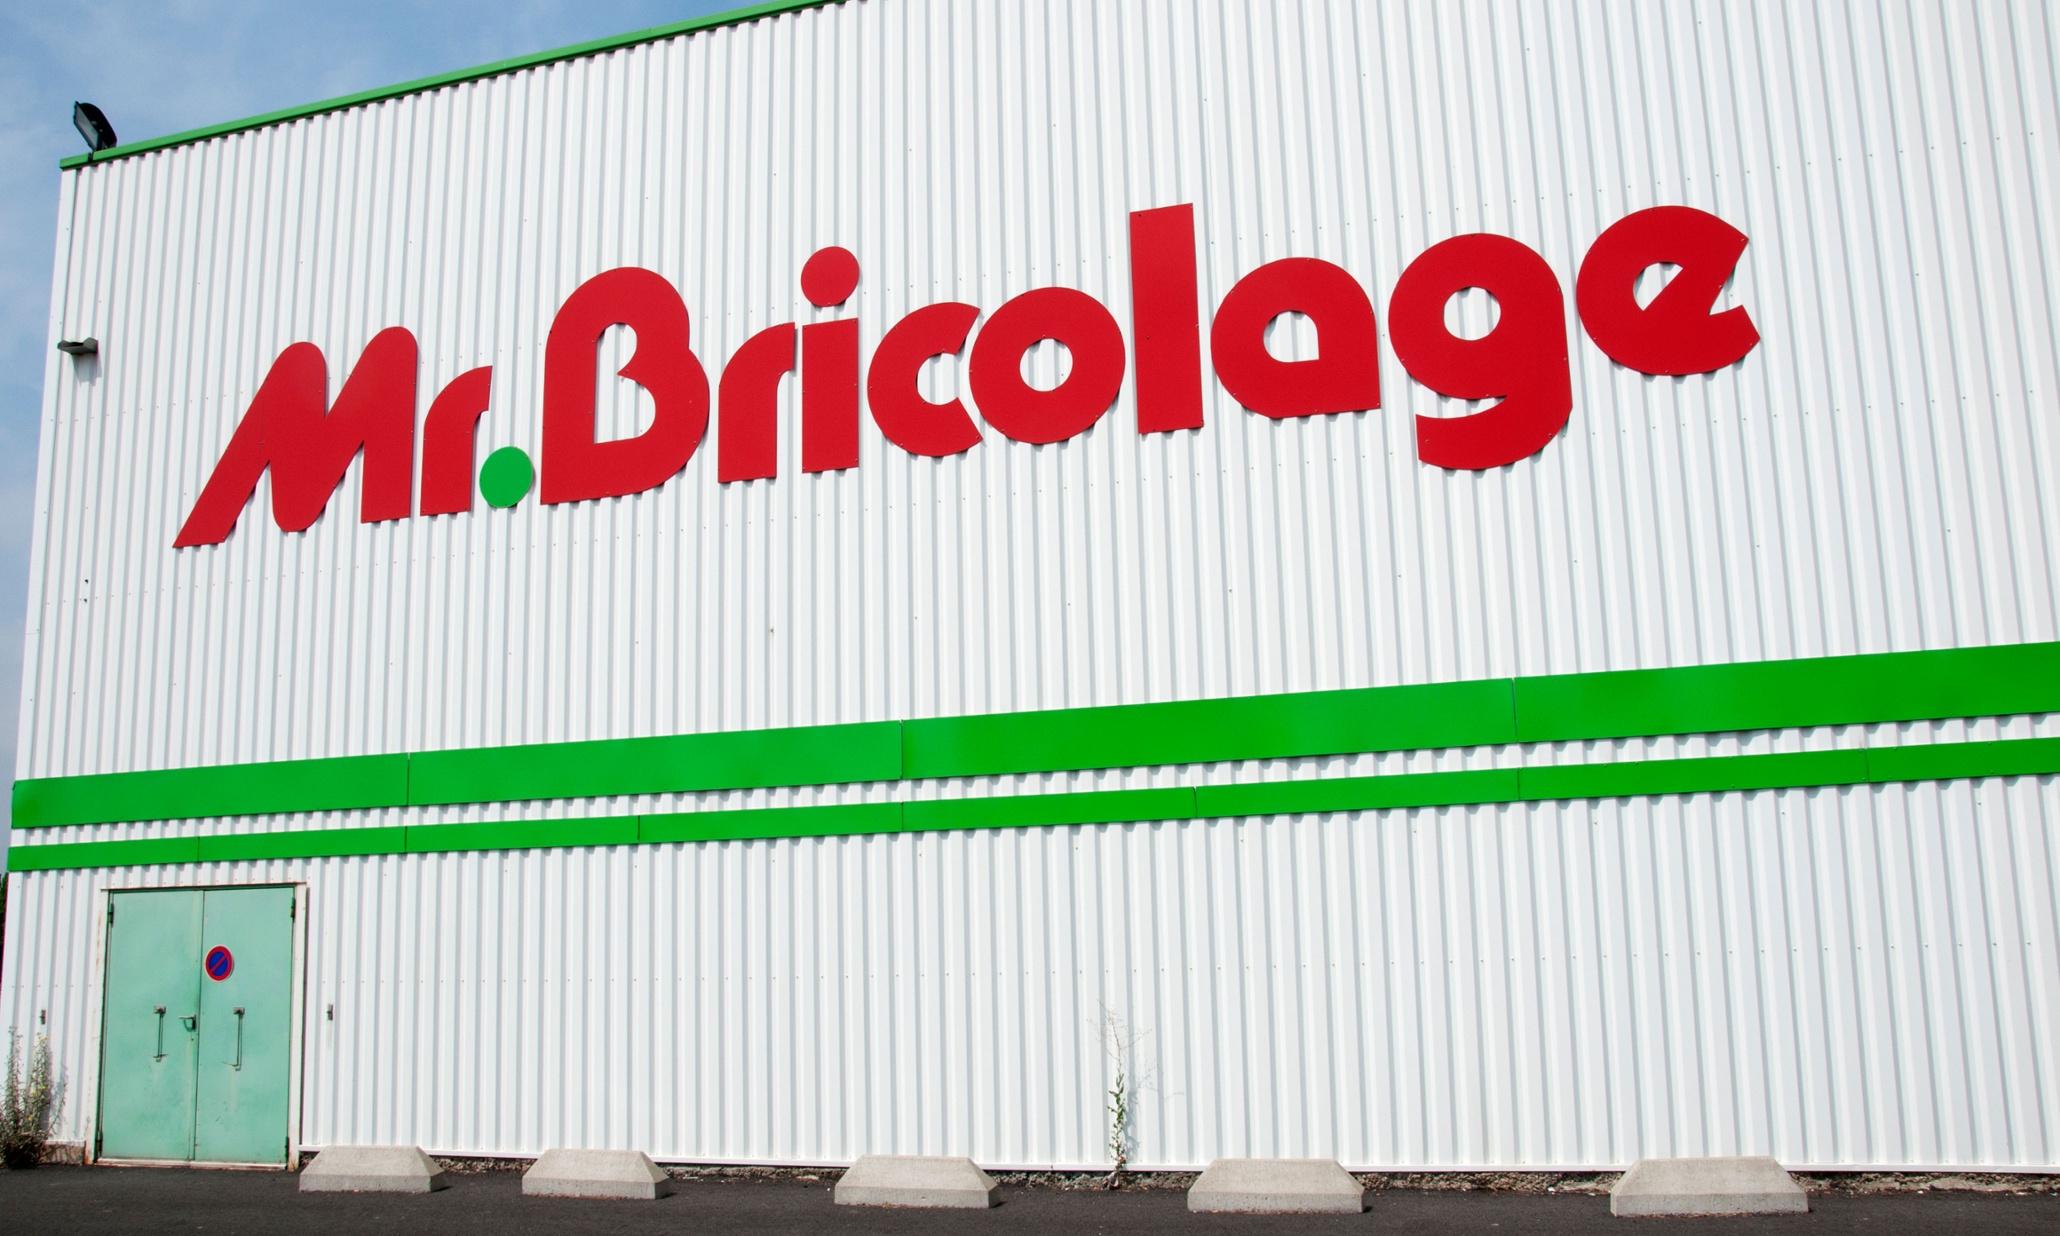 B09f0c57 2b43 4a11 9f77 5e12e7b1dfc8 - Mr bricolage tours ...